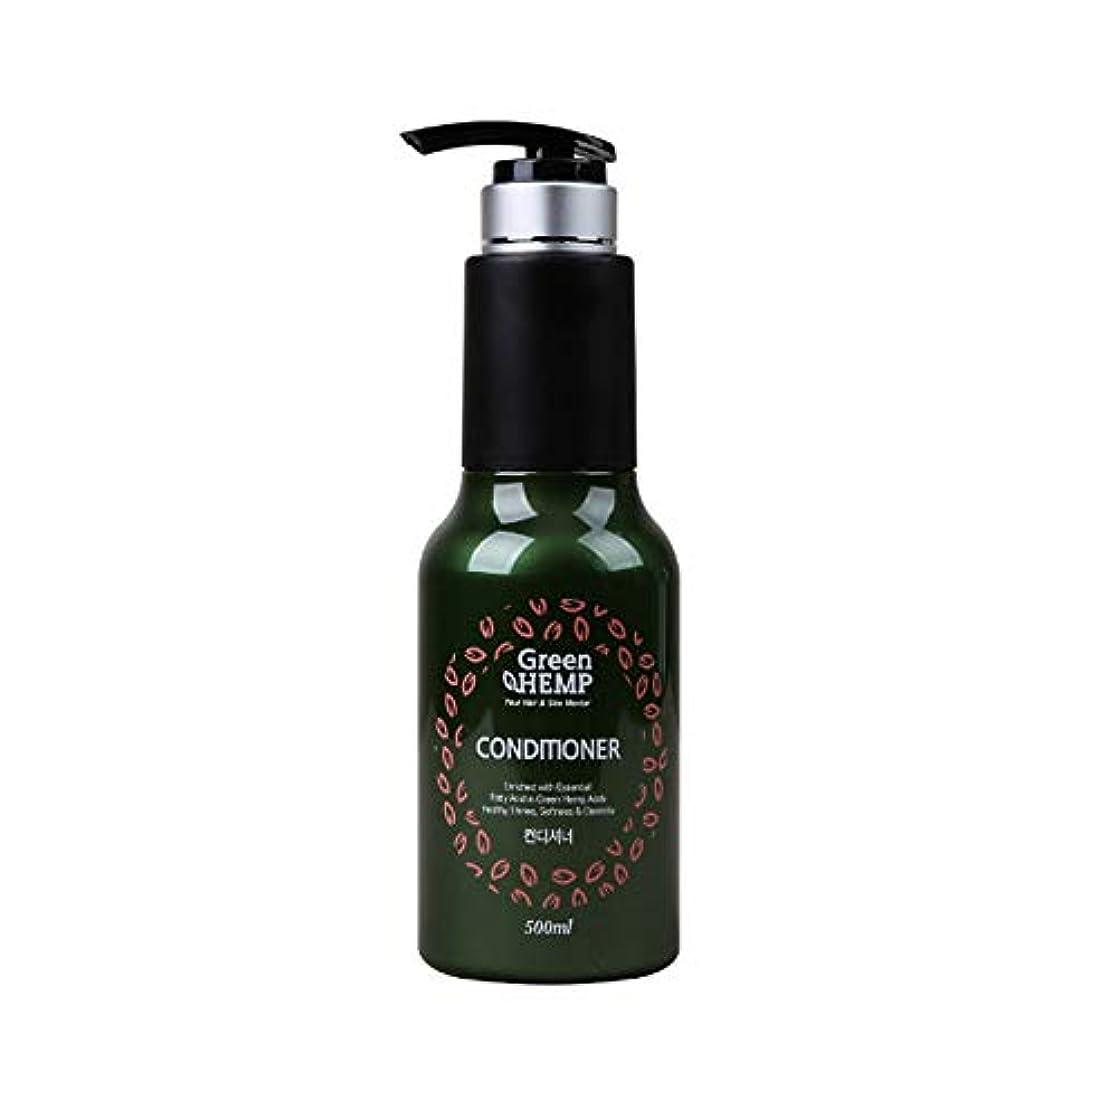 ラッドヤードキップリング視線ソーダ水ChungSam グリーン ヘンプ 麻 Green hempヘア ケア コンディショナー (500ml) [並行輸入品]